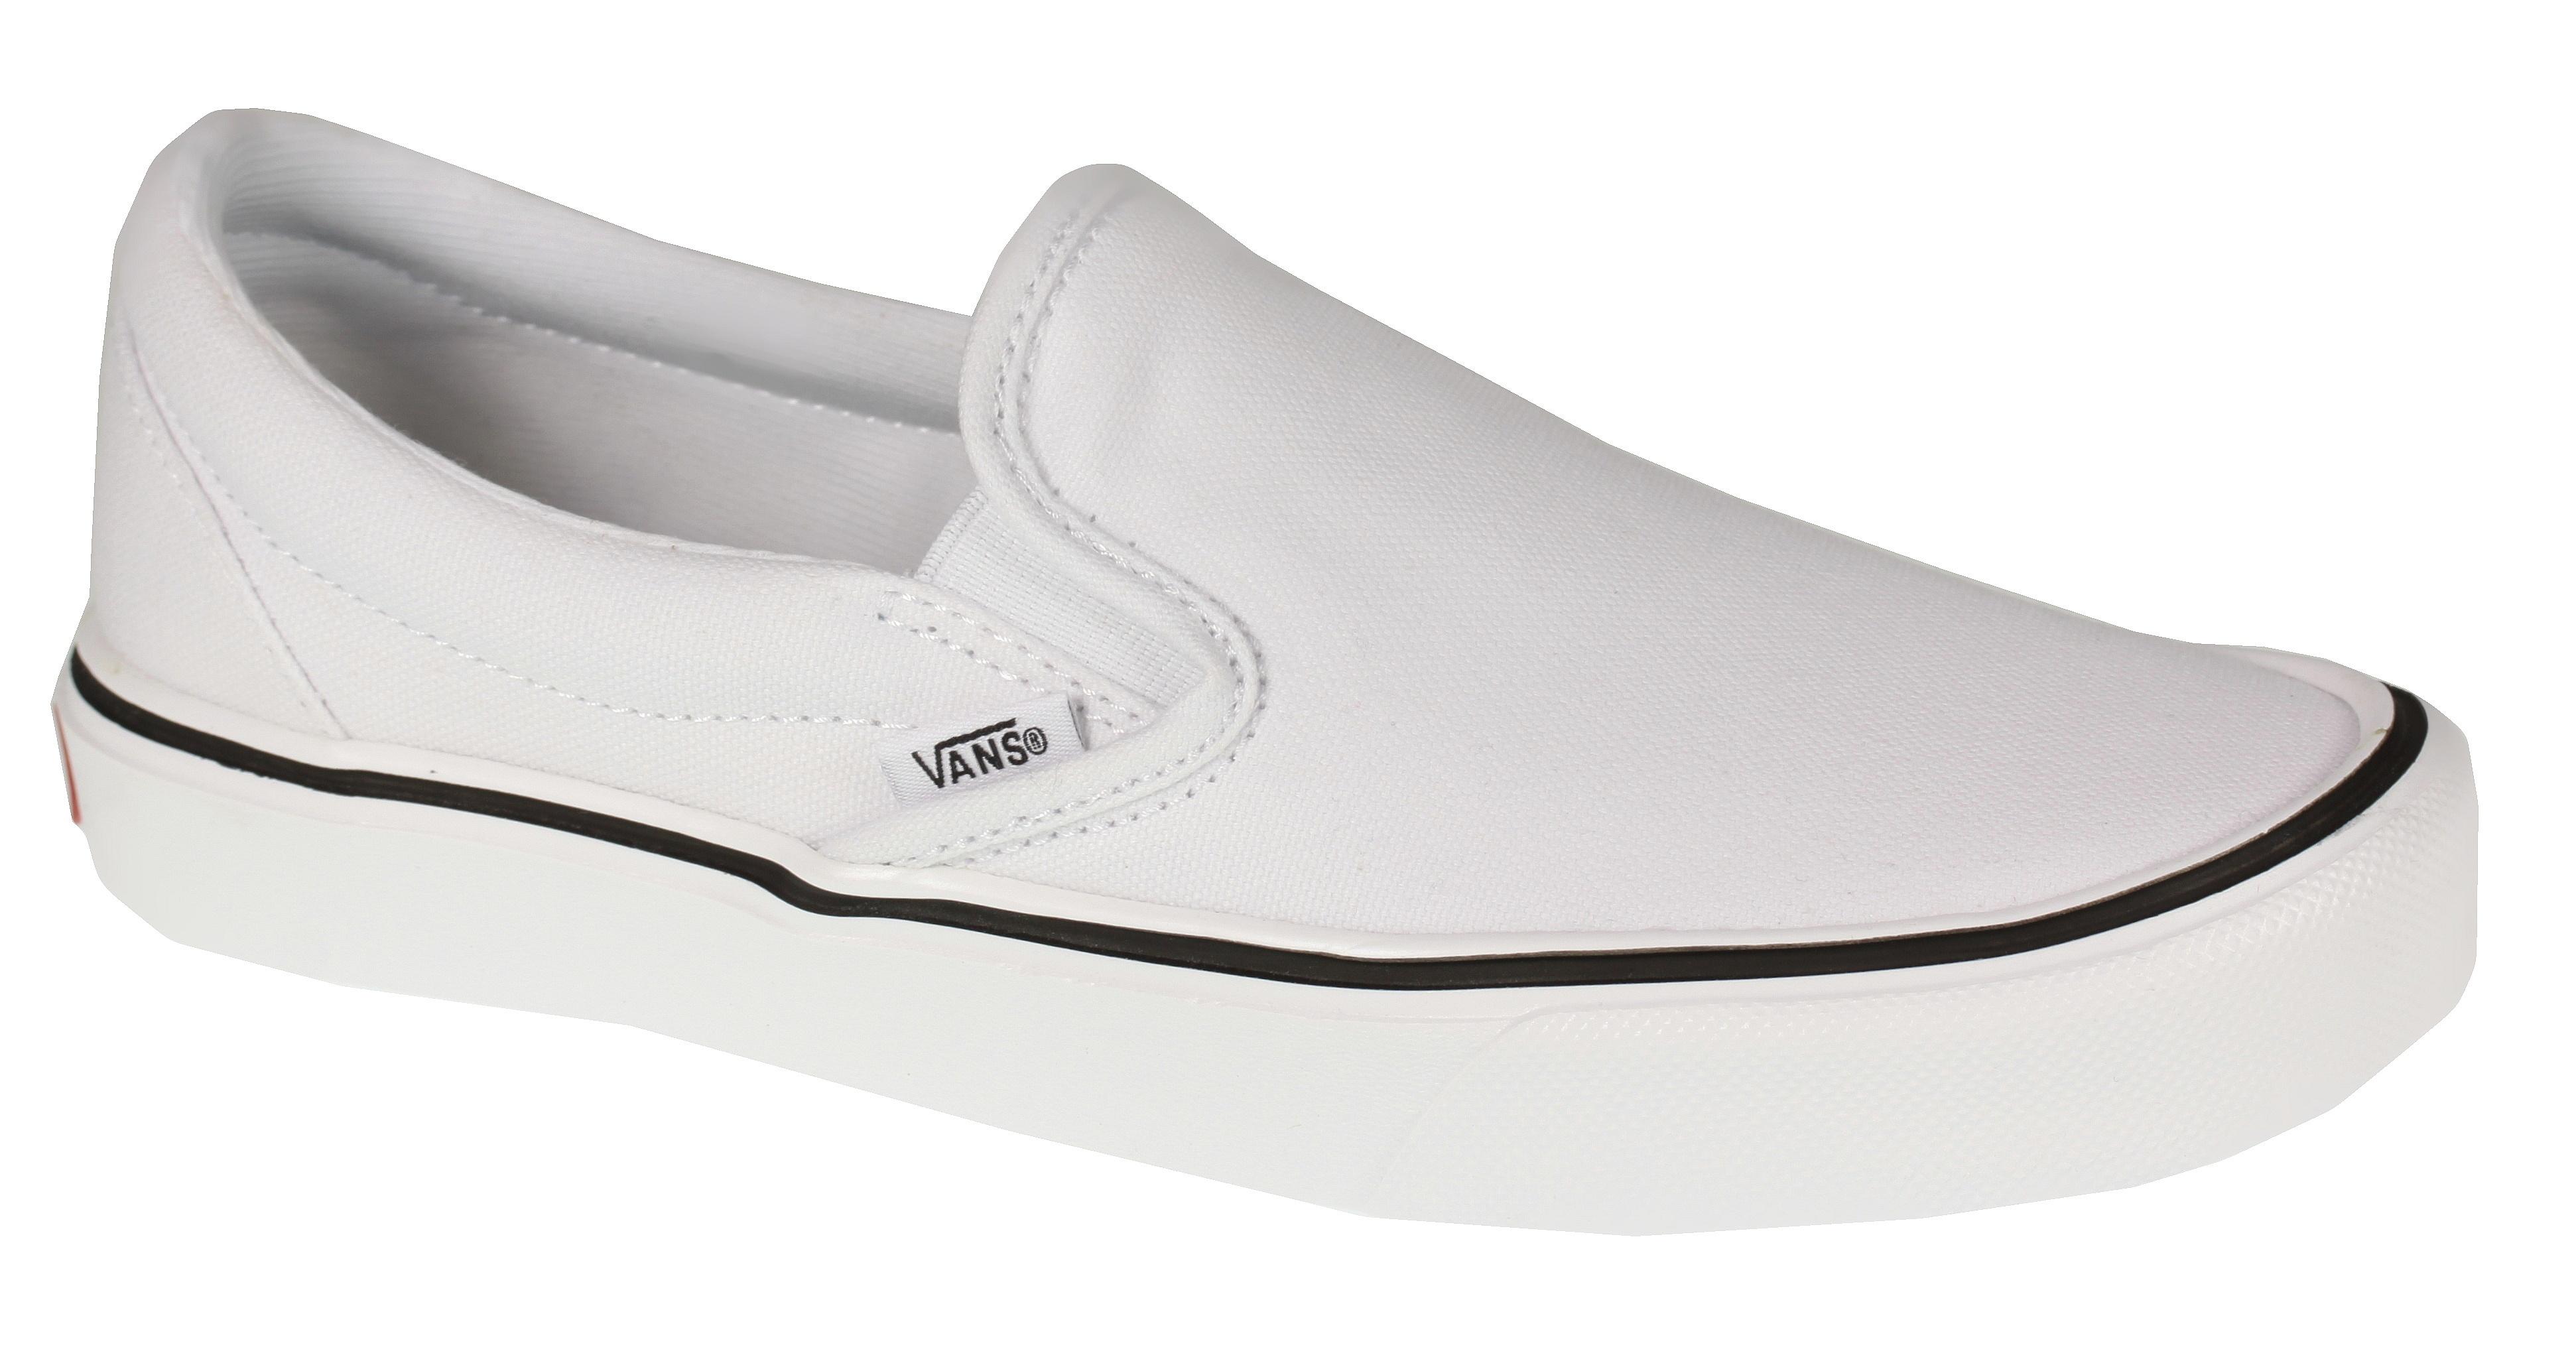 767fb07d491c shoes Vans Slip-On Lite + - Canvas True White - Snowboard shop ...